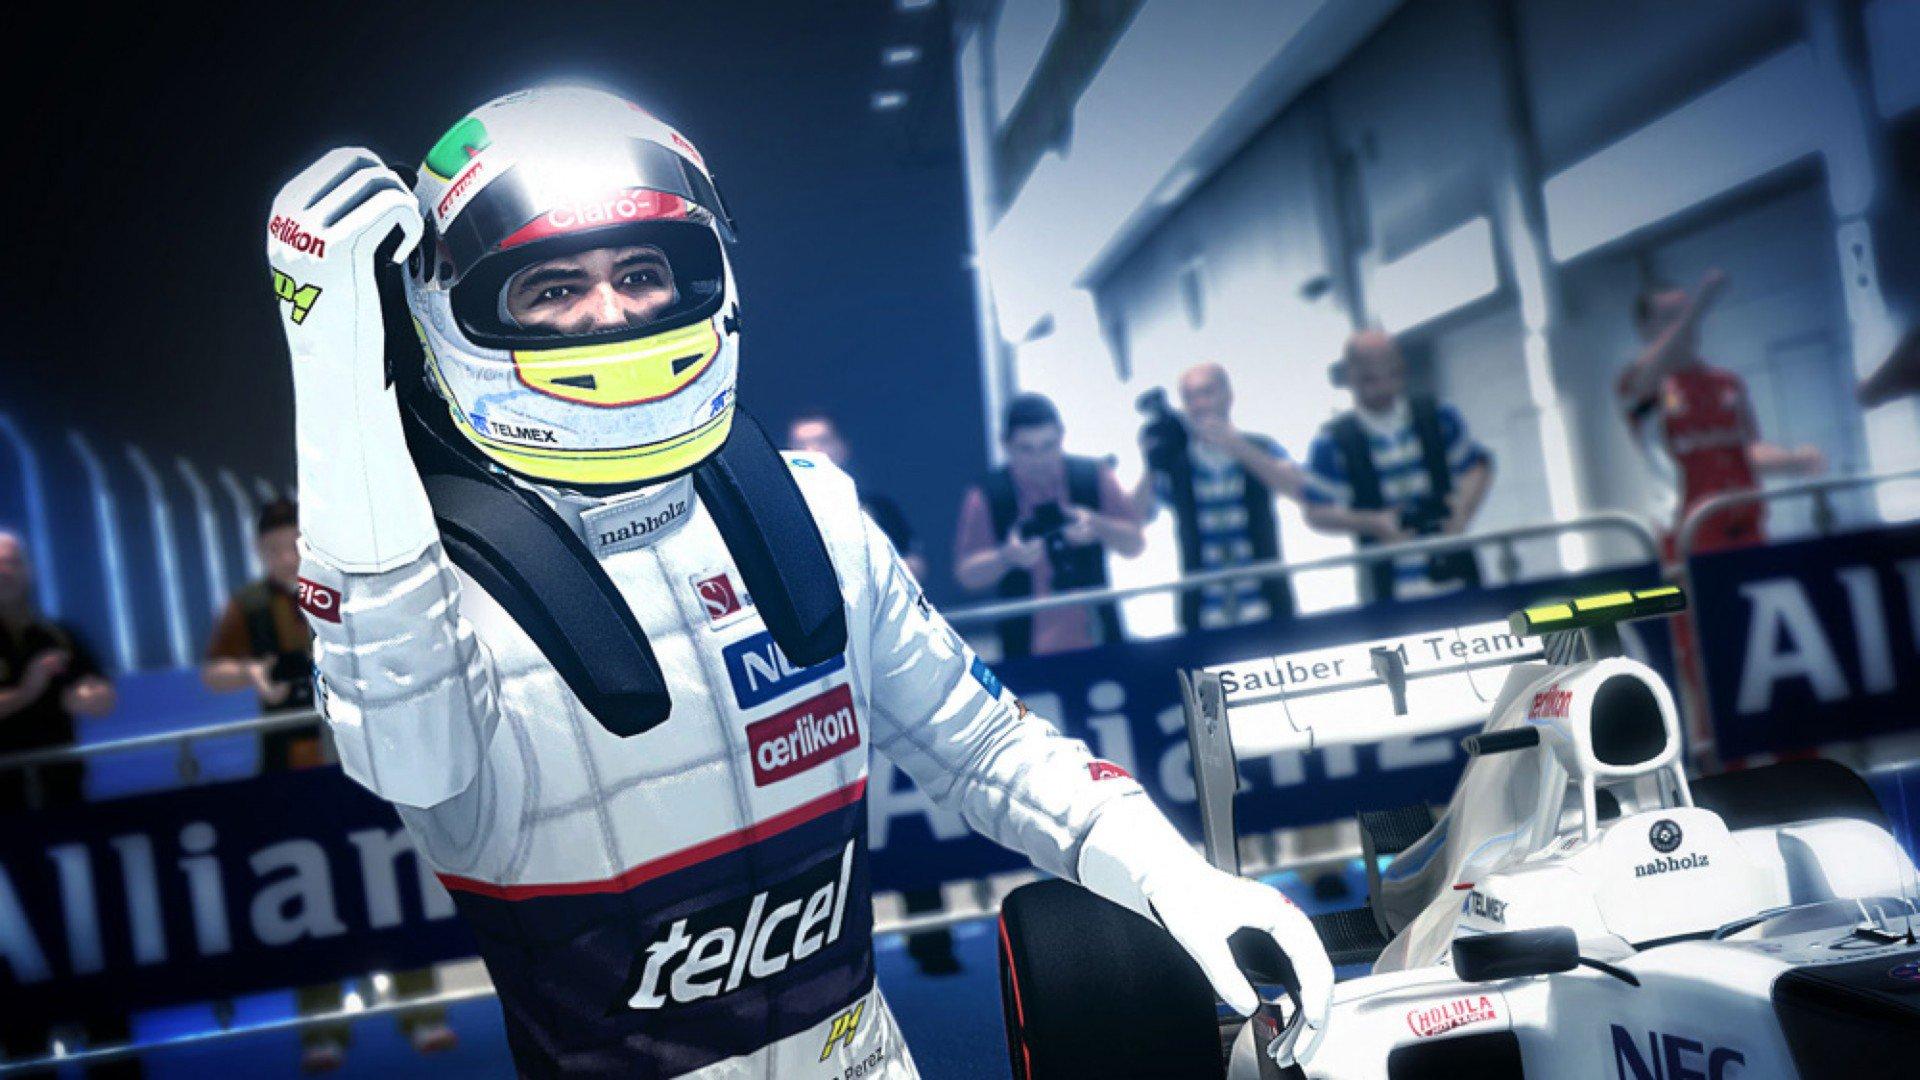 Formula 1, F1 2012 3